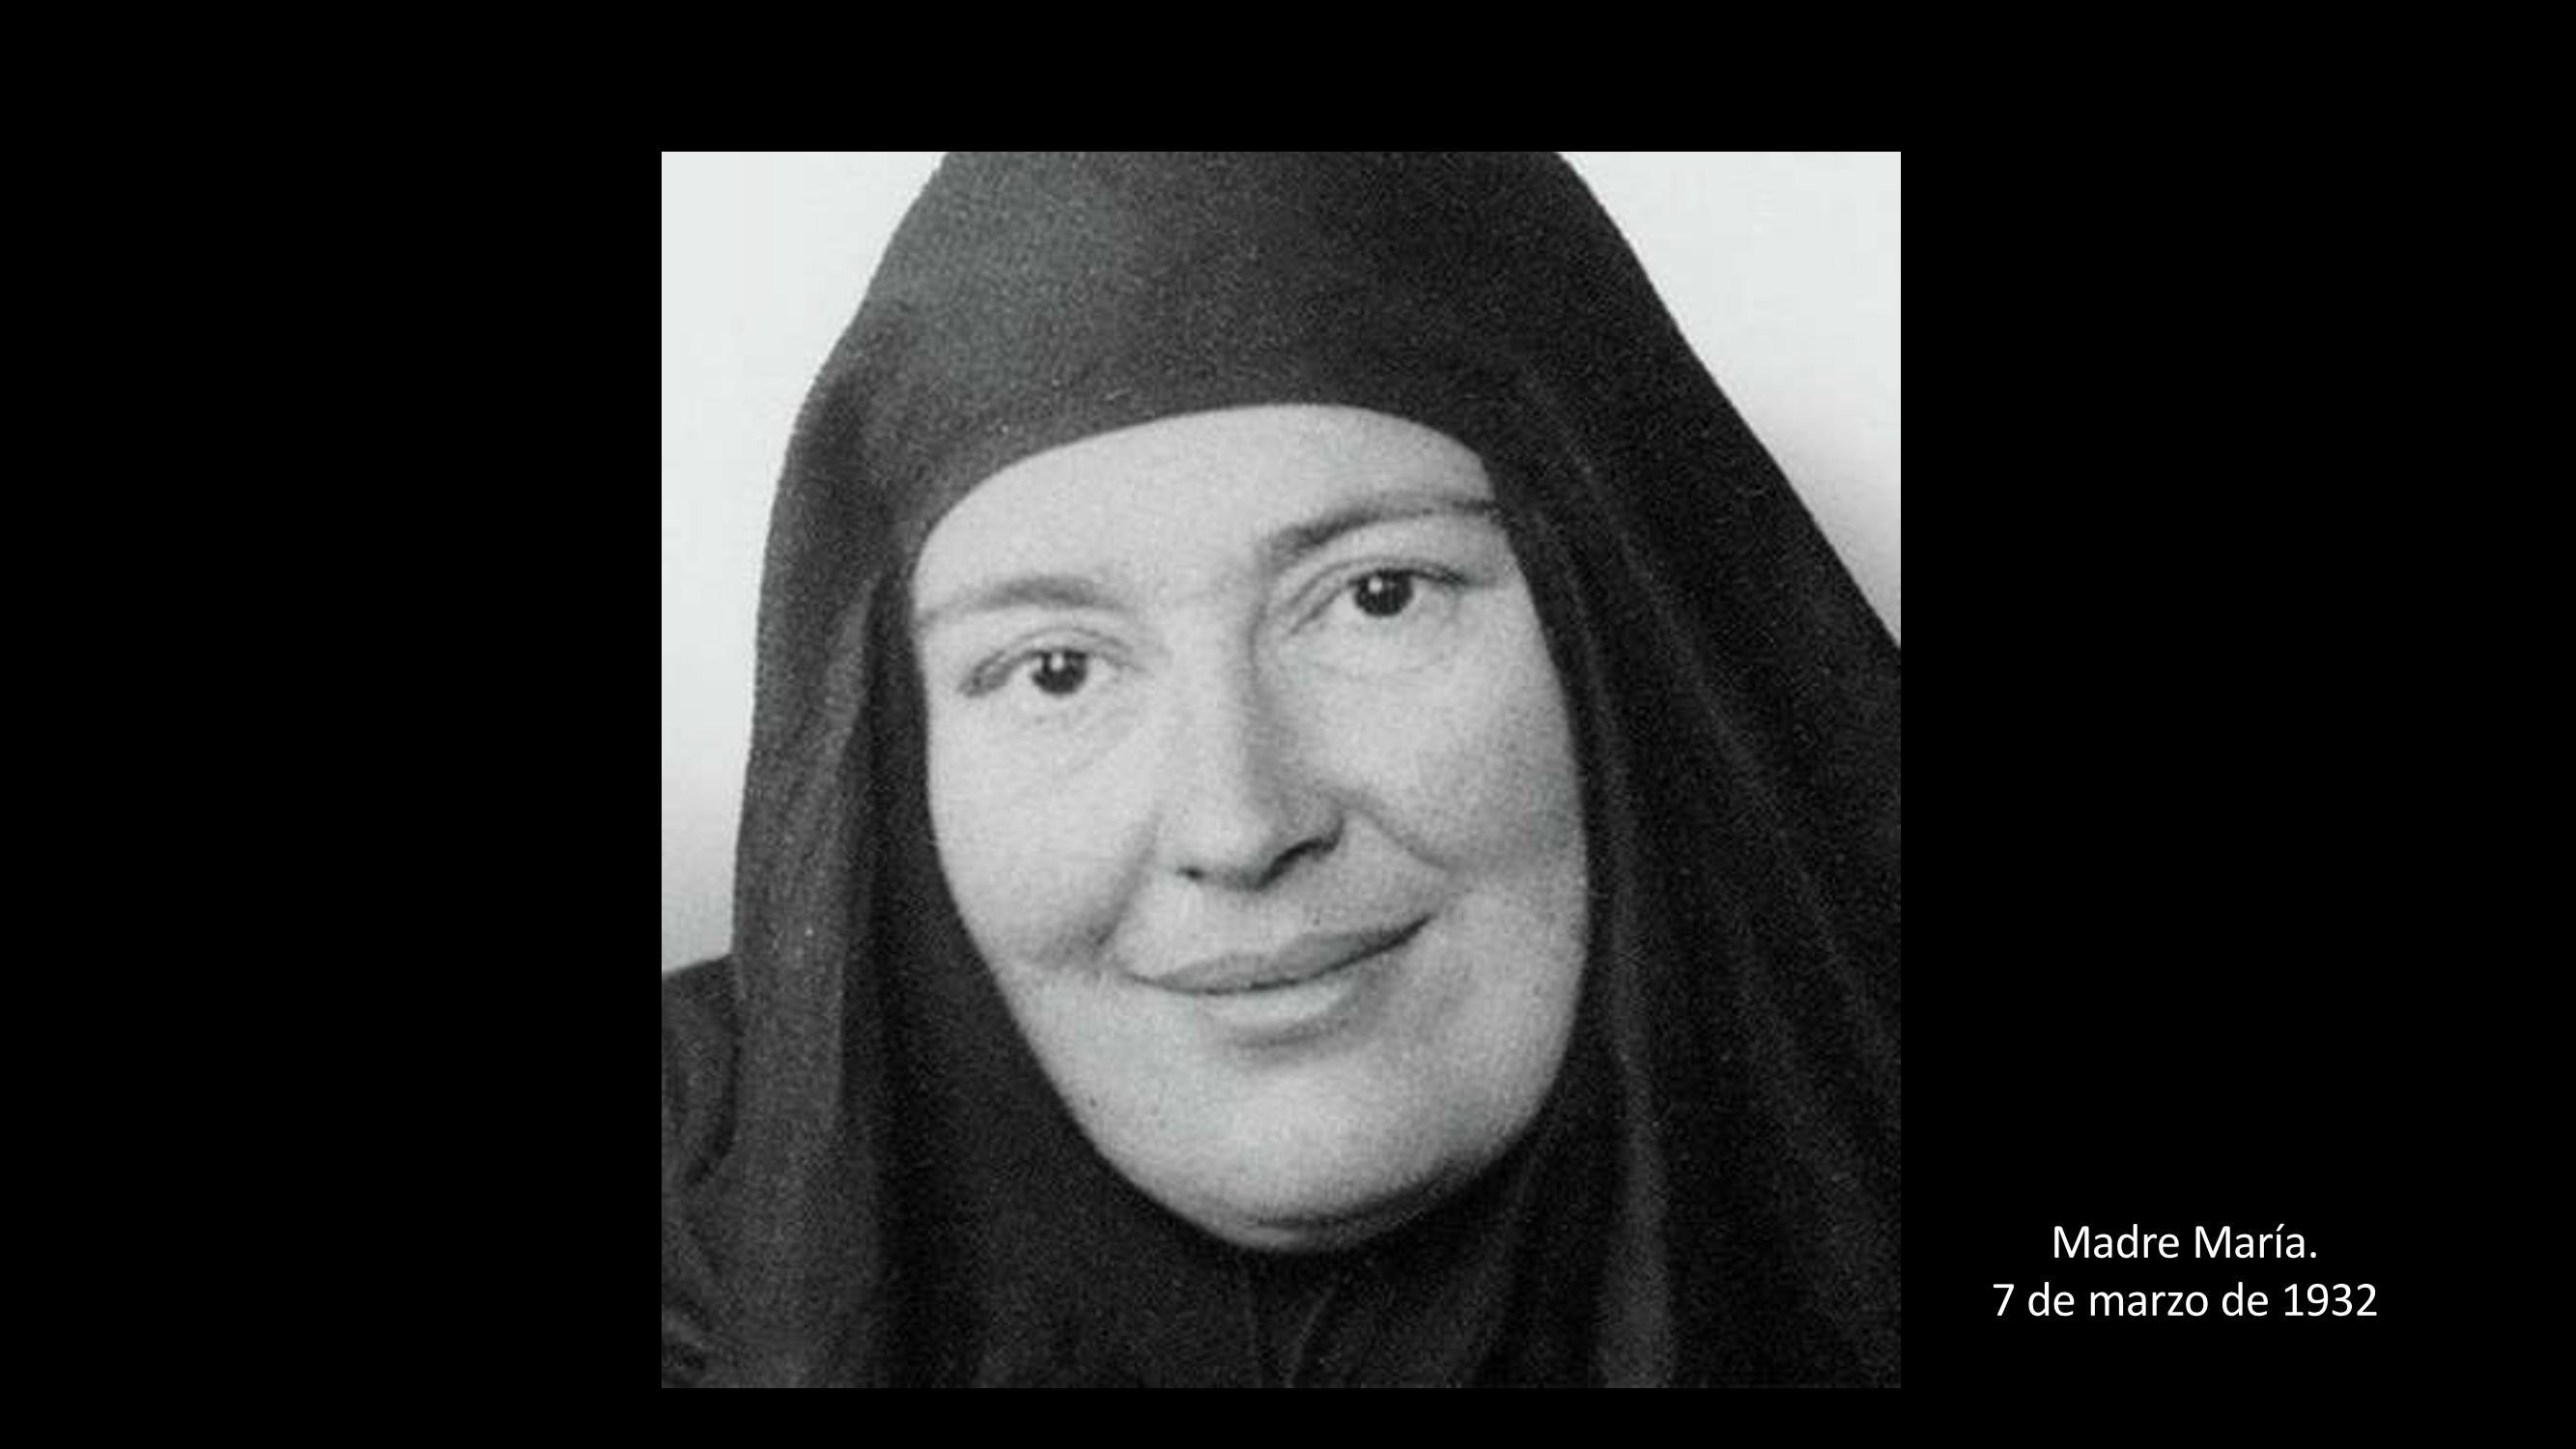 [41] Madre María, 1932